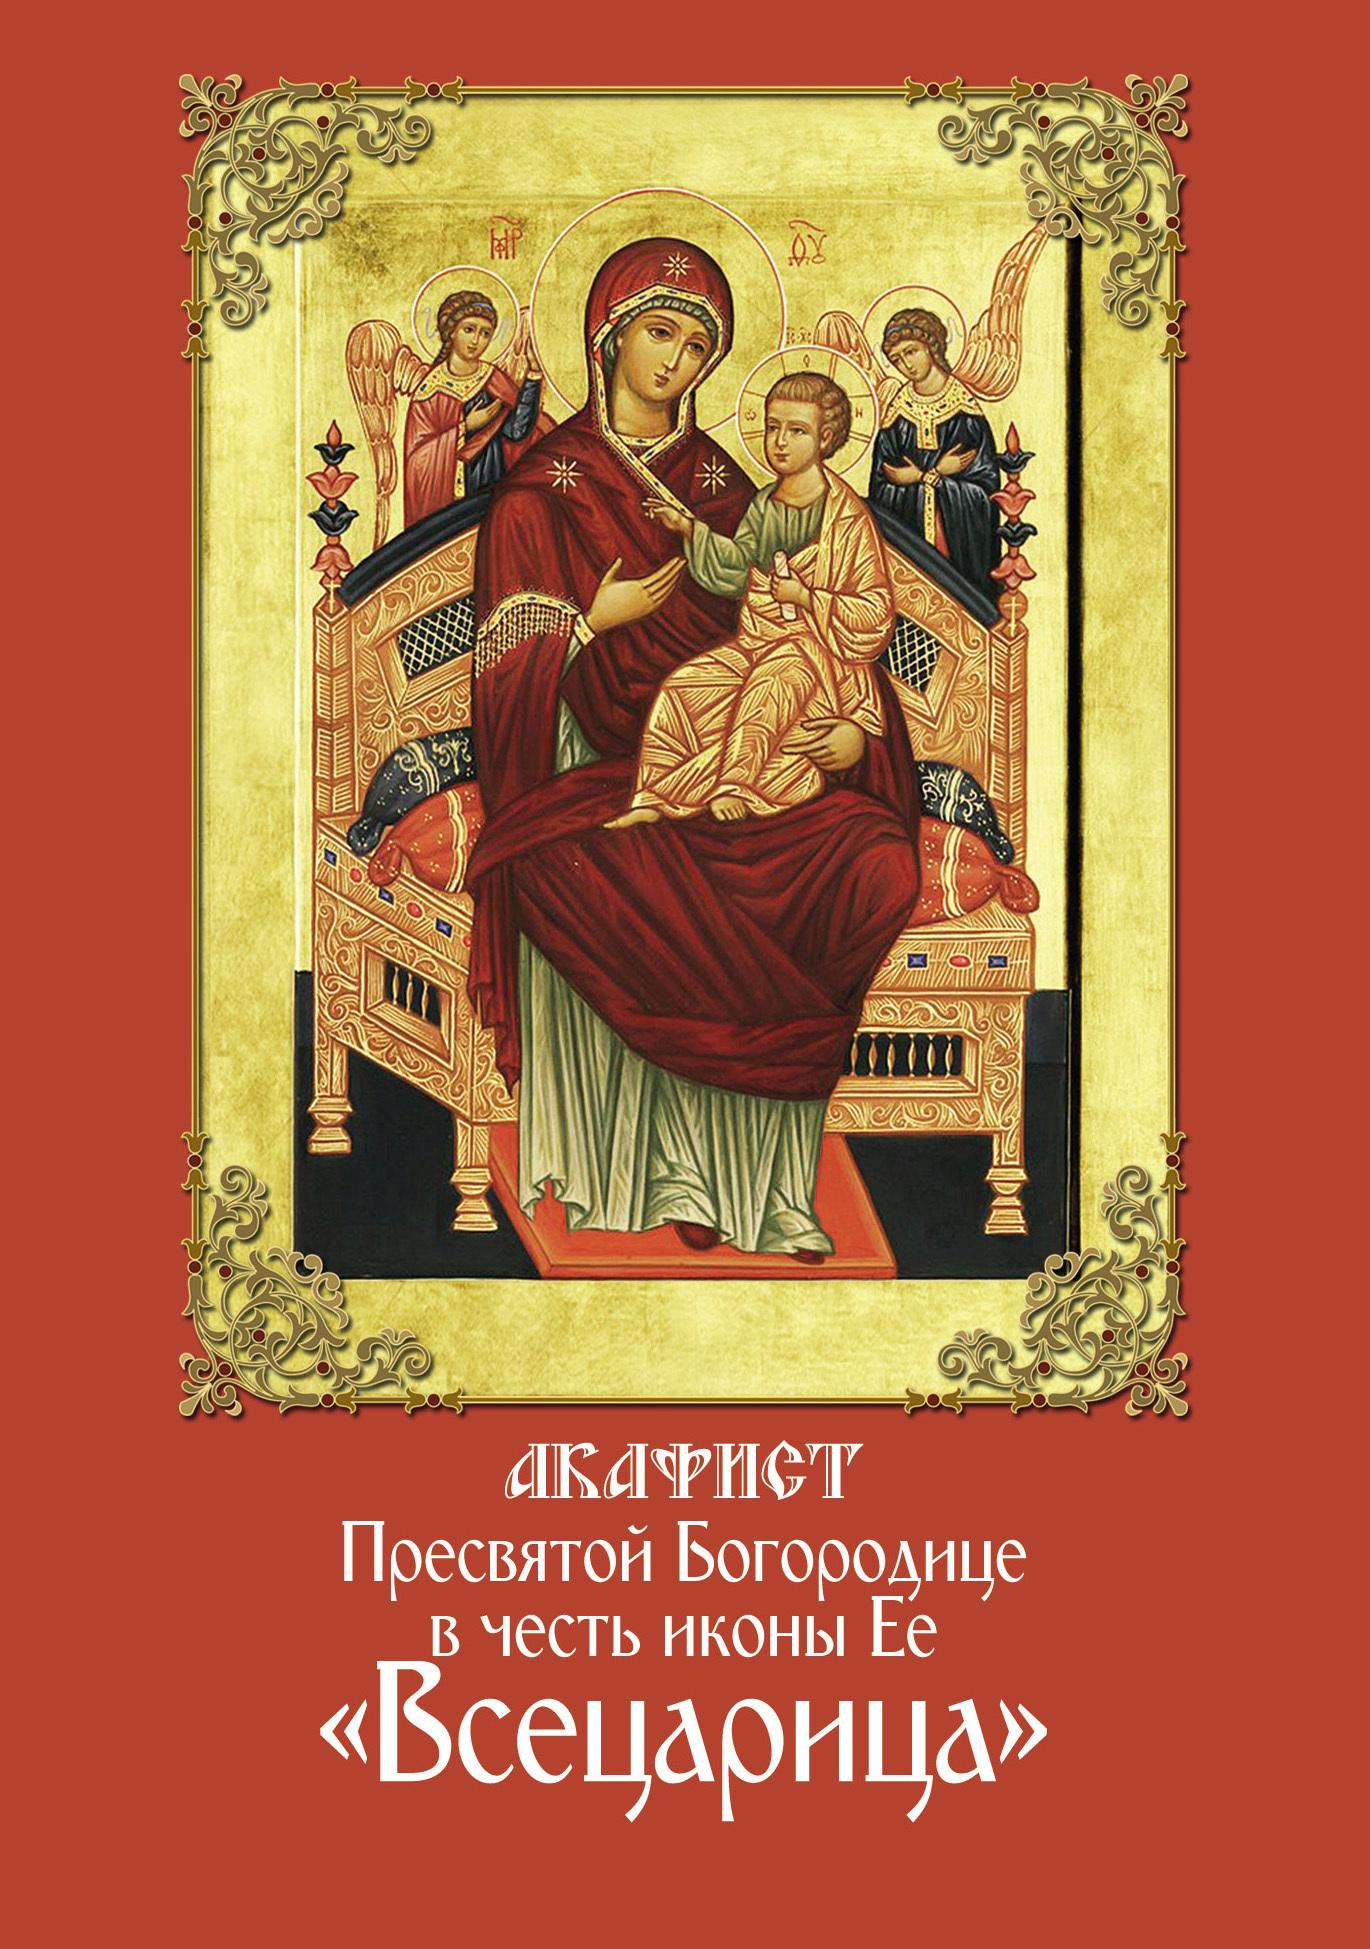 Сборник Акафист Пресвятой Богородице в честь иконы Ее «Всецарица»